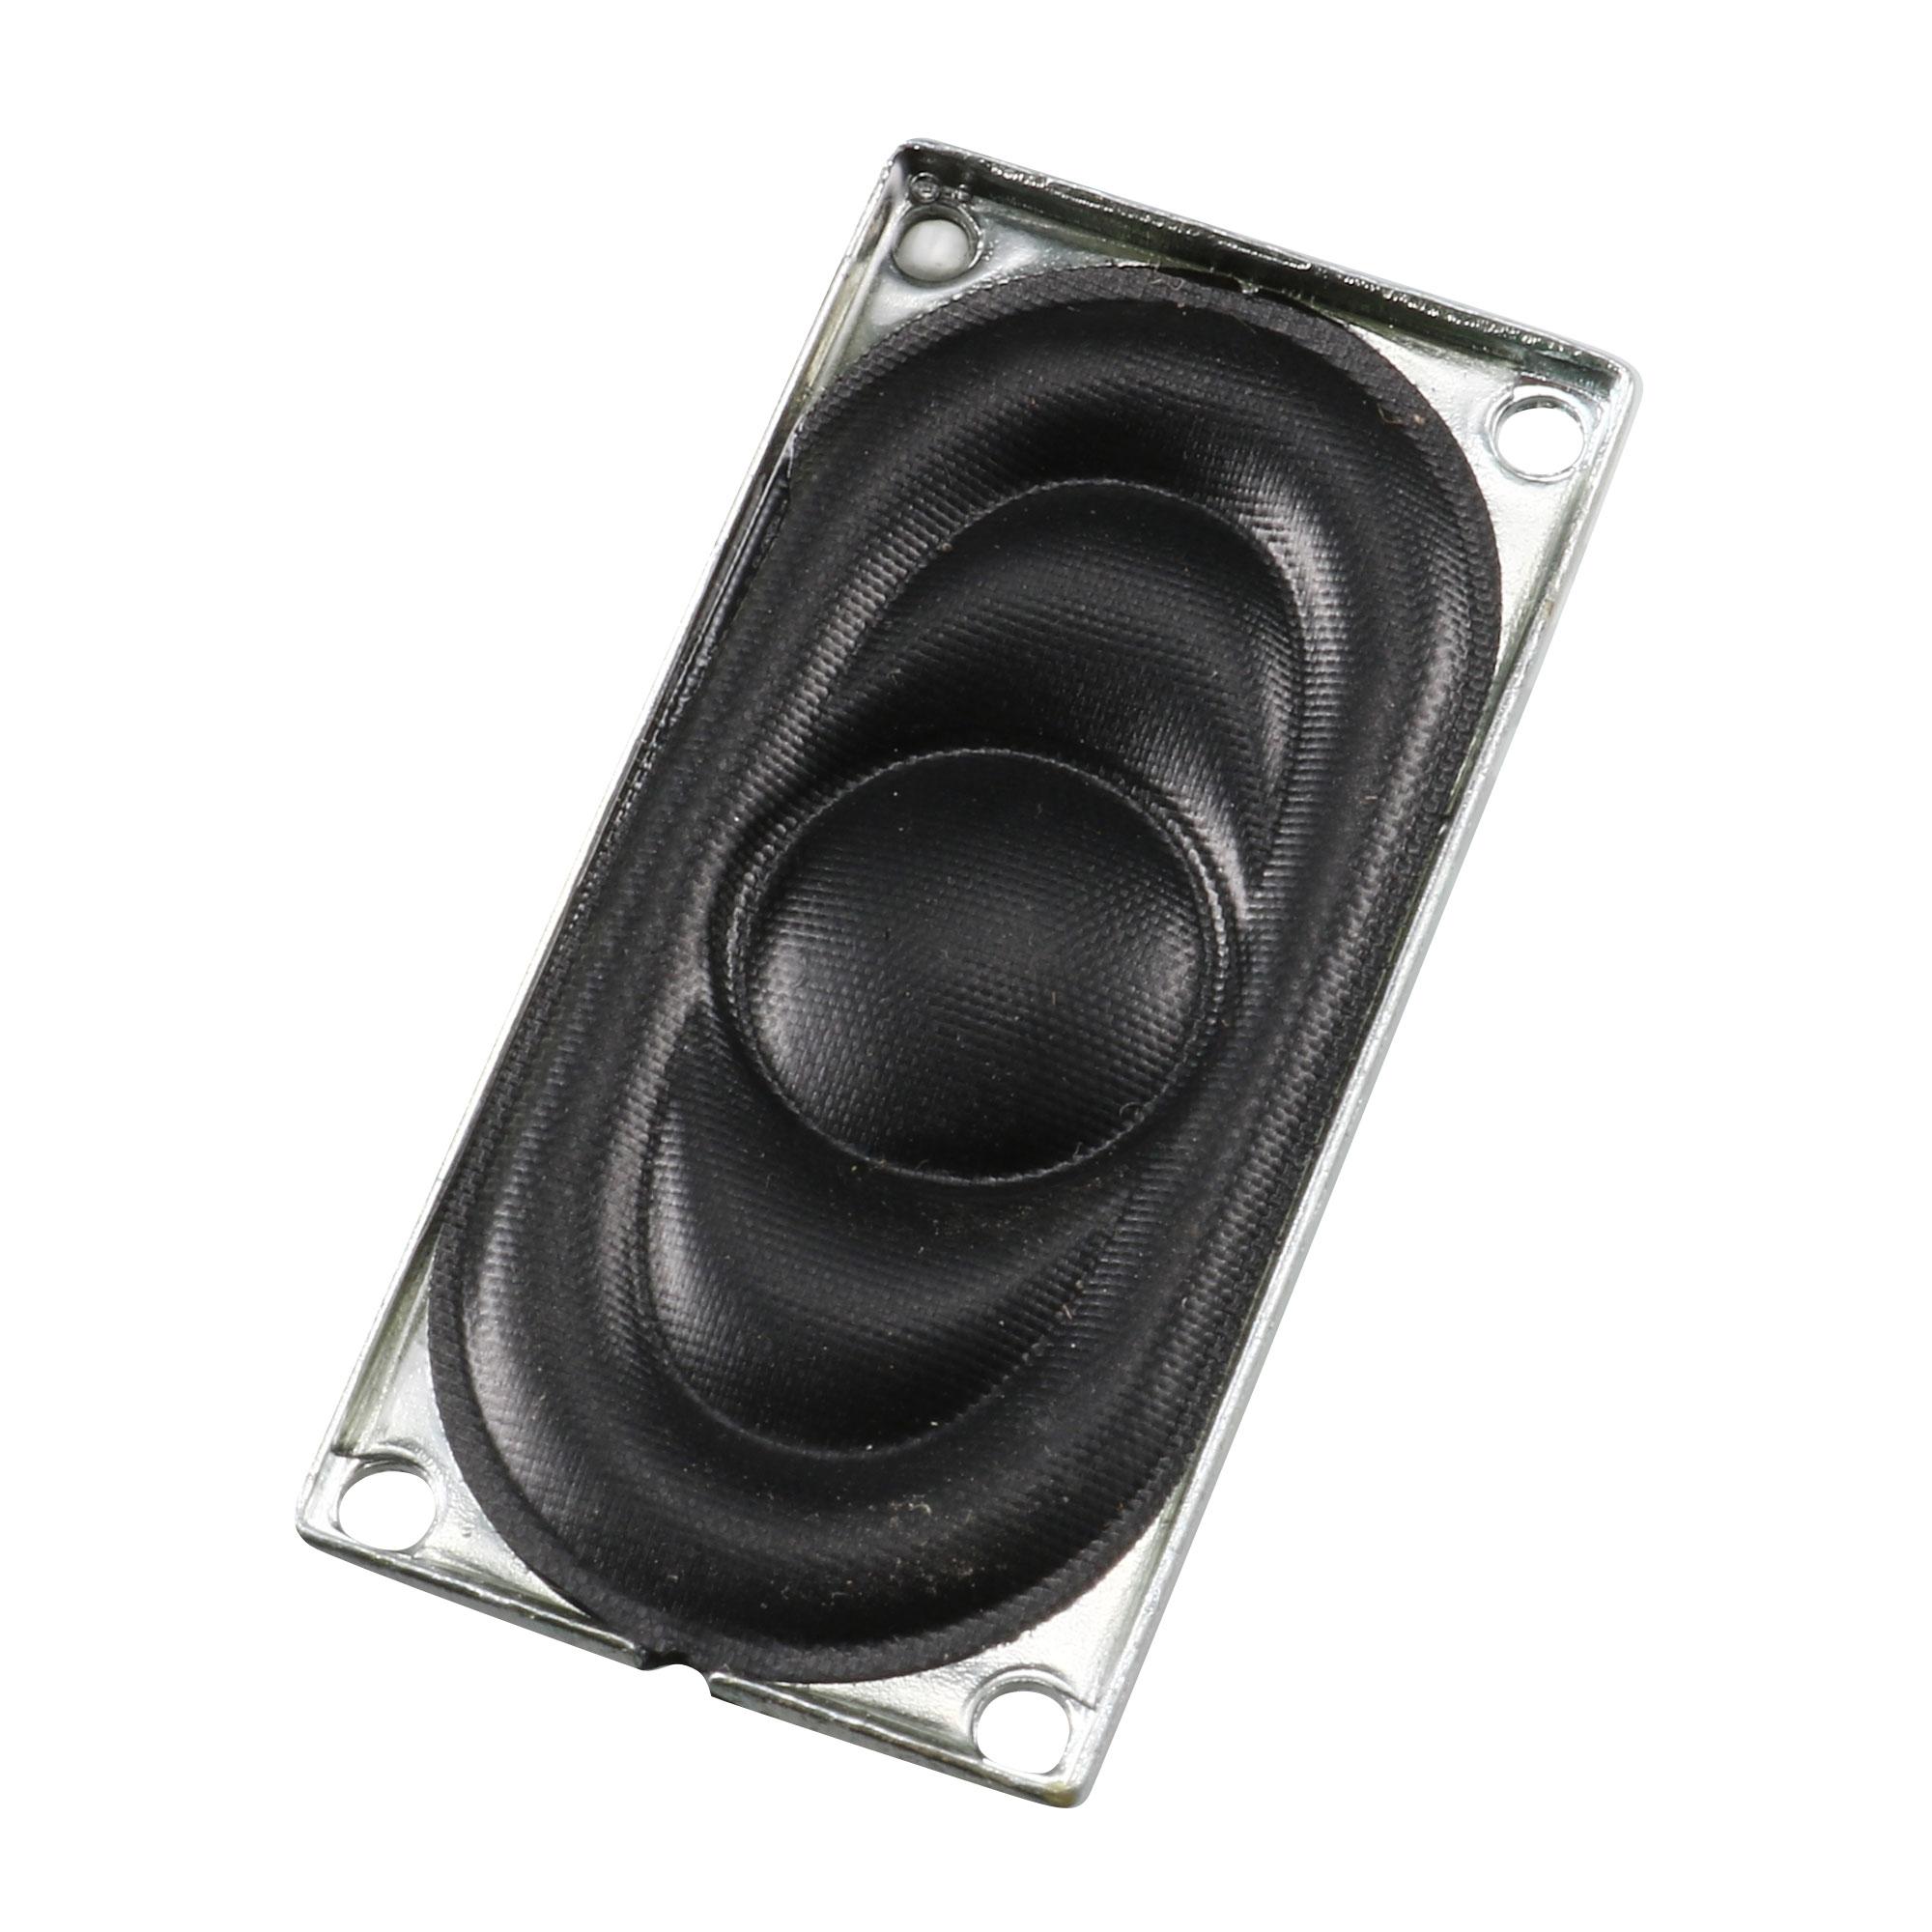 40mm x 20mm Rectangle Internal Magnet Tweeter Horn 8 Ohm 2W